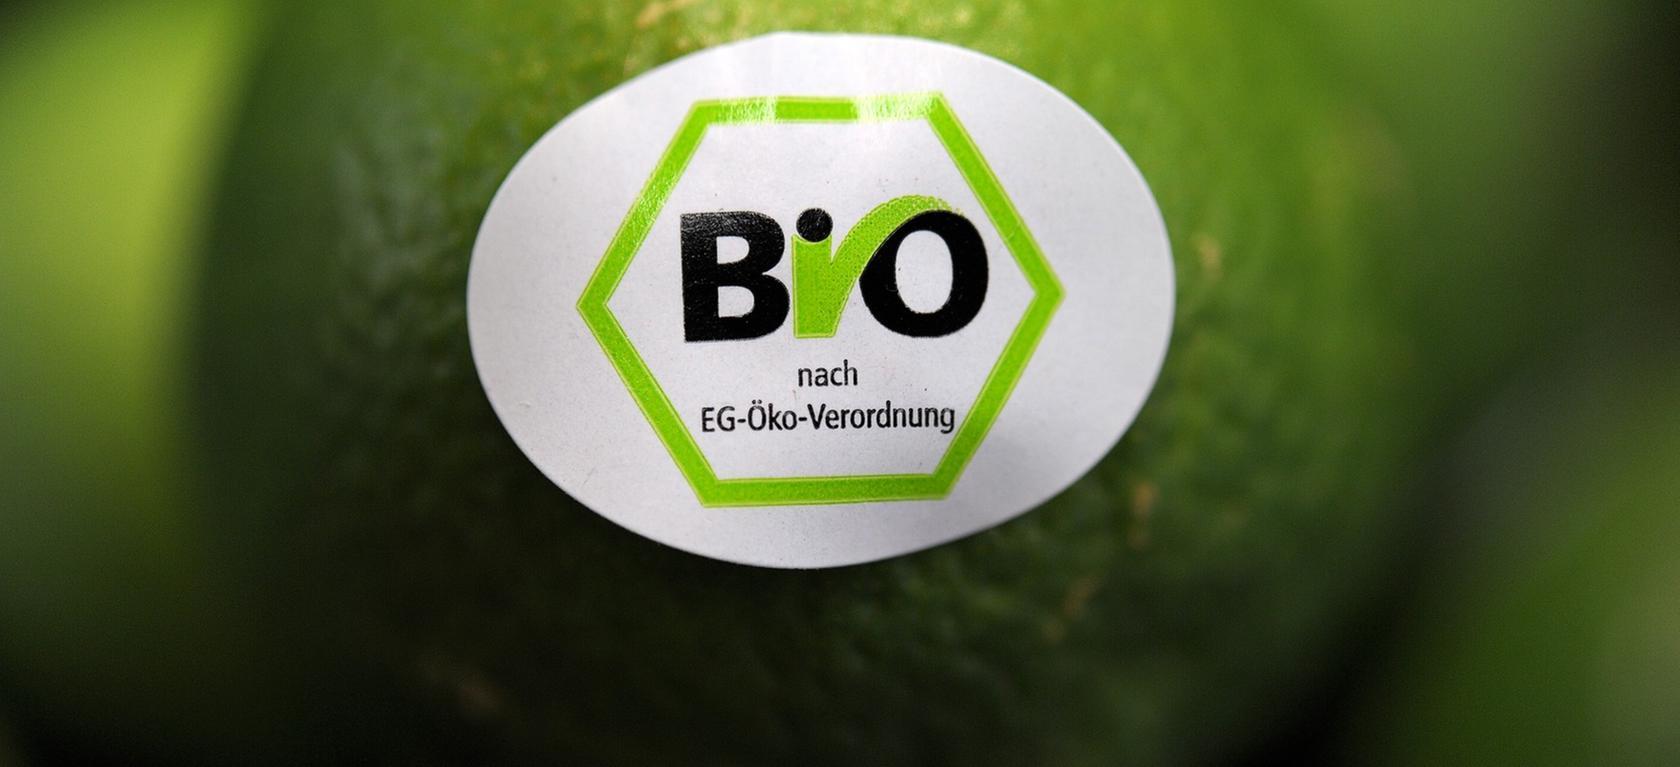 Die Leitmesse für die Biobranche öffnet vom 15. bis 18. Februar in Nürnberg ihre Pforten für Fachbesucher aus aller Welt.